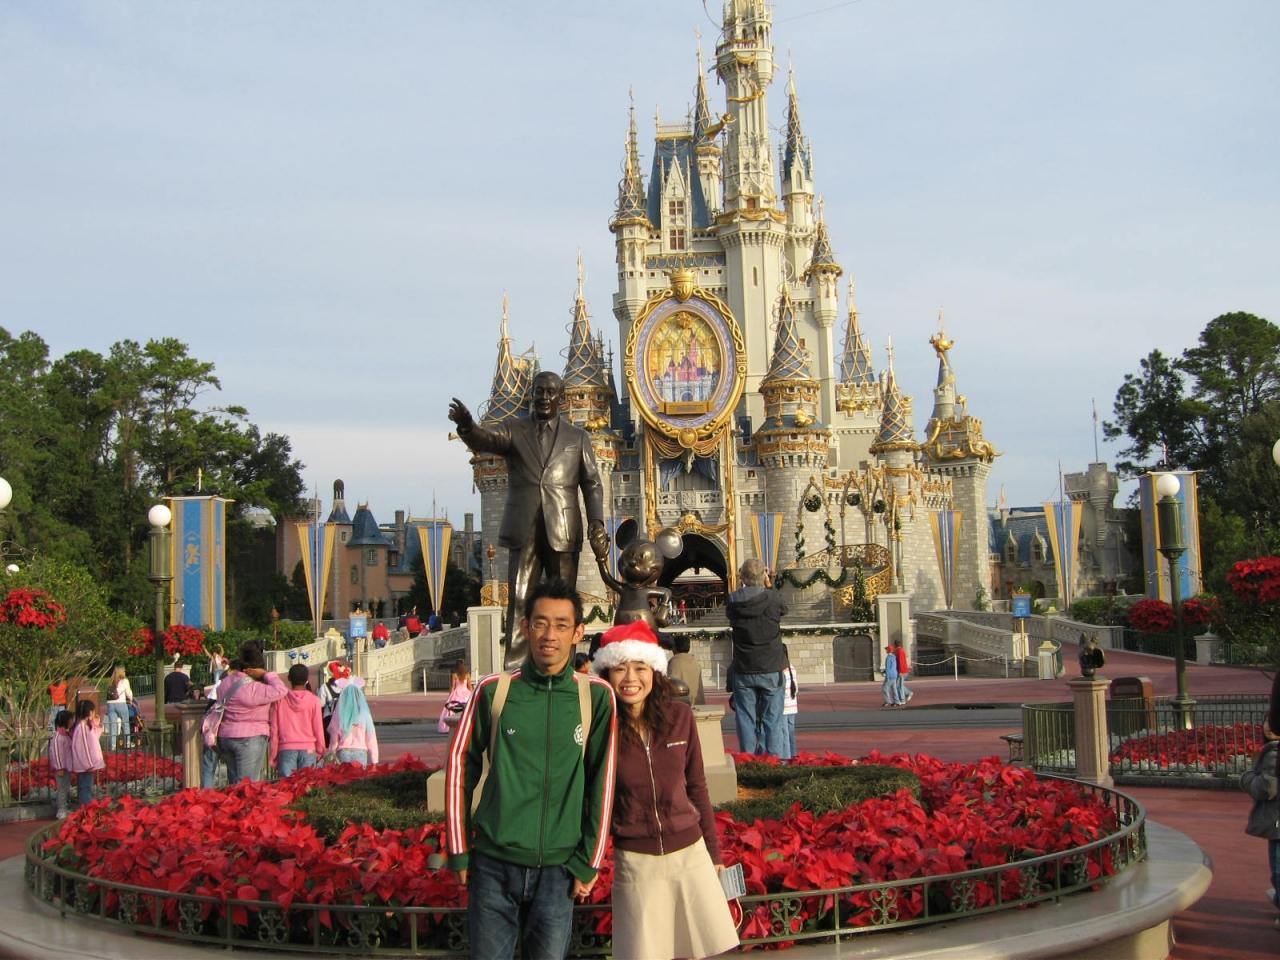 新婚旅行再現の旅♪ ~magic kingdom park編~』オーランド(アメリカ